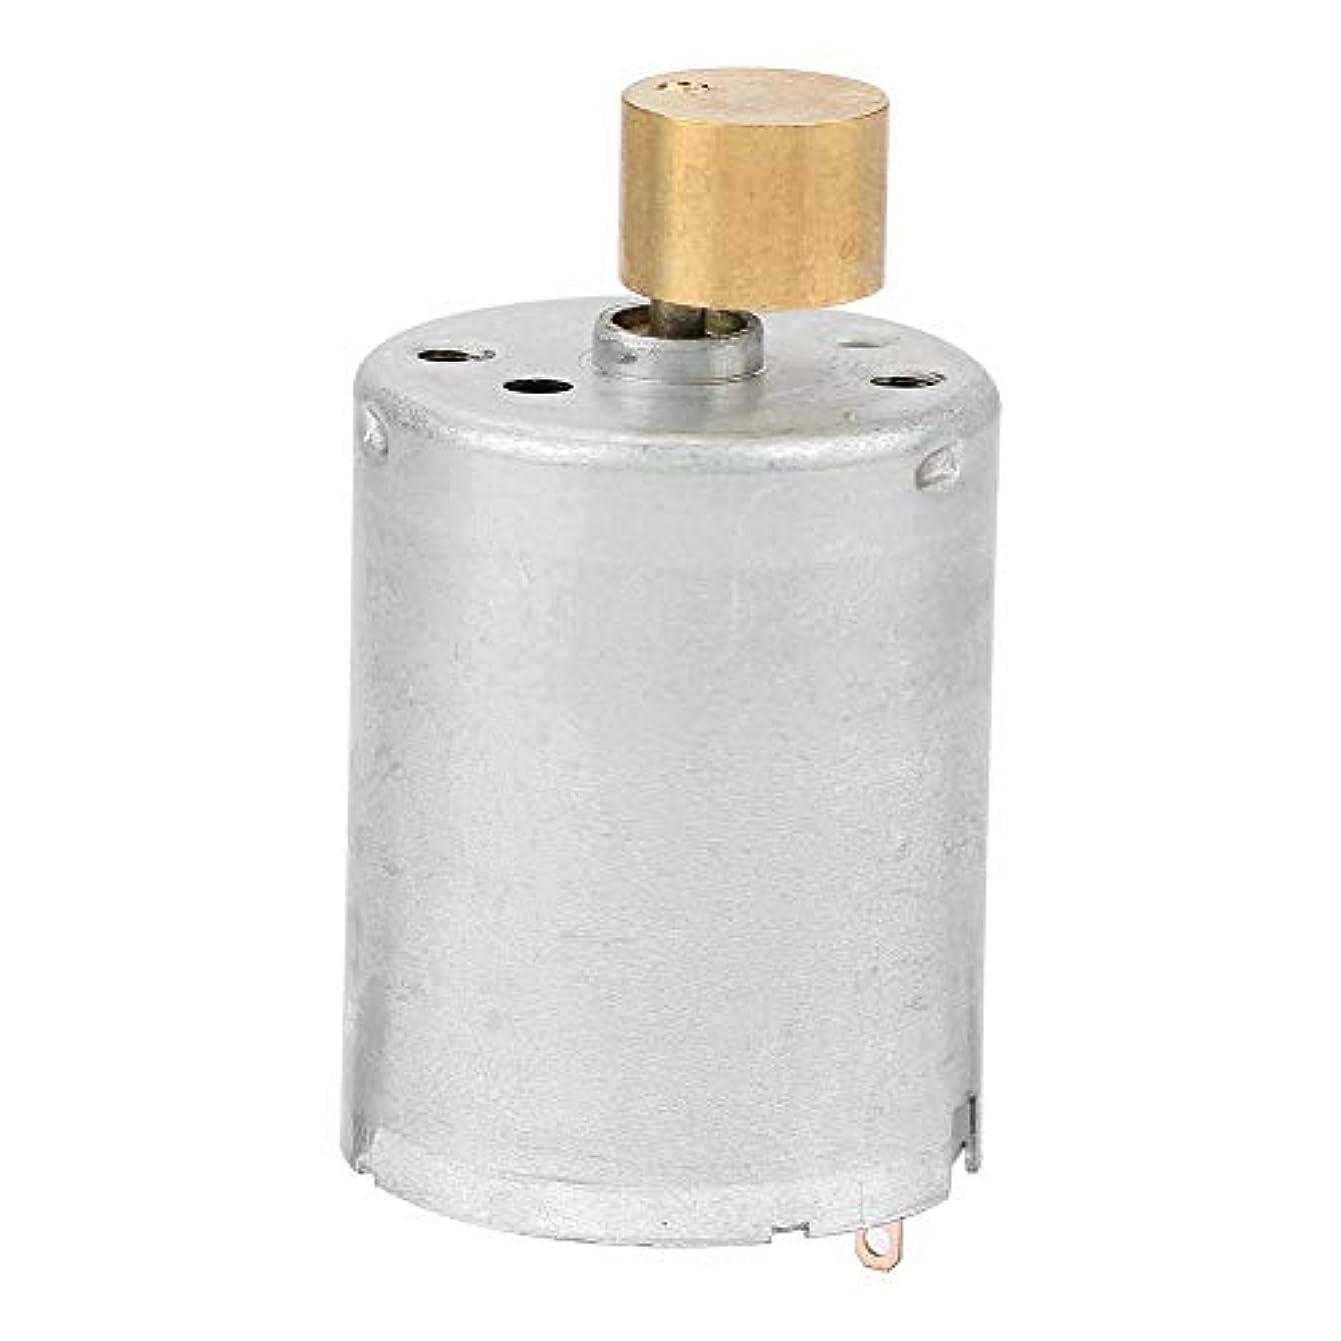 決めますキャプチャー感染するマッサージ装置のための振動モーターRF370 DCの小型強い振動振動モーター12V